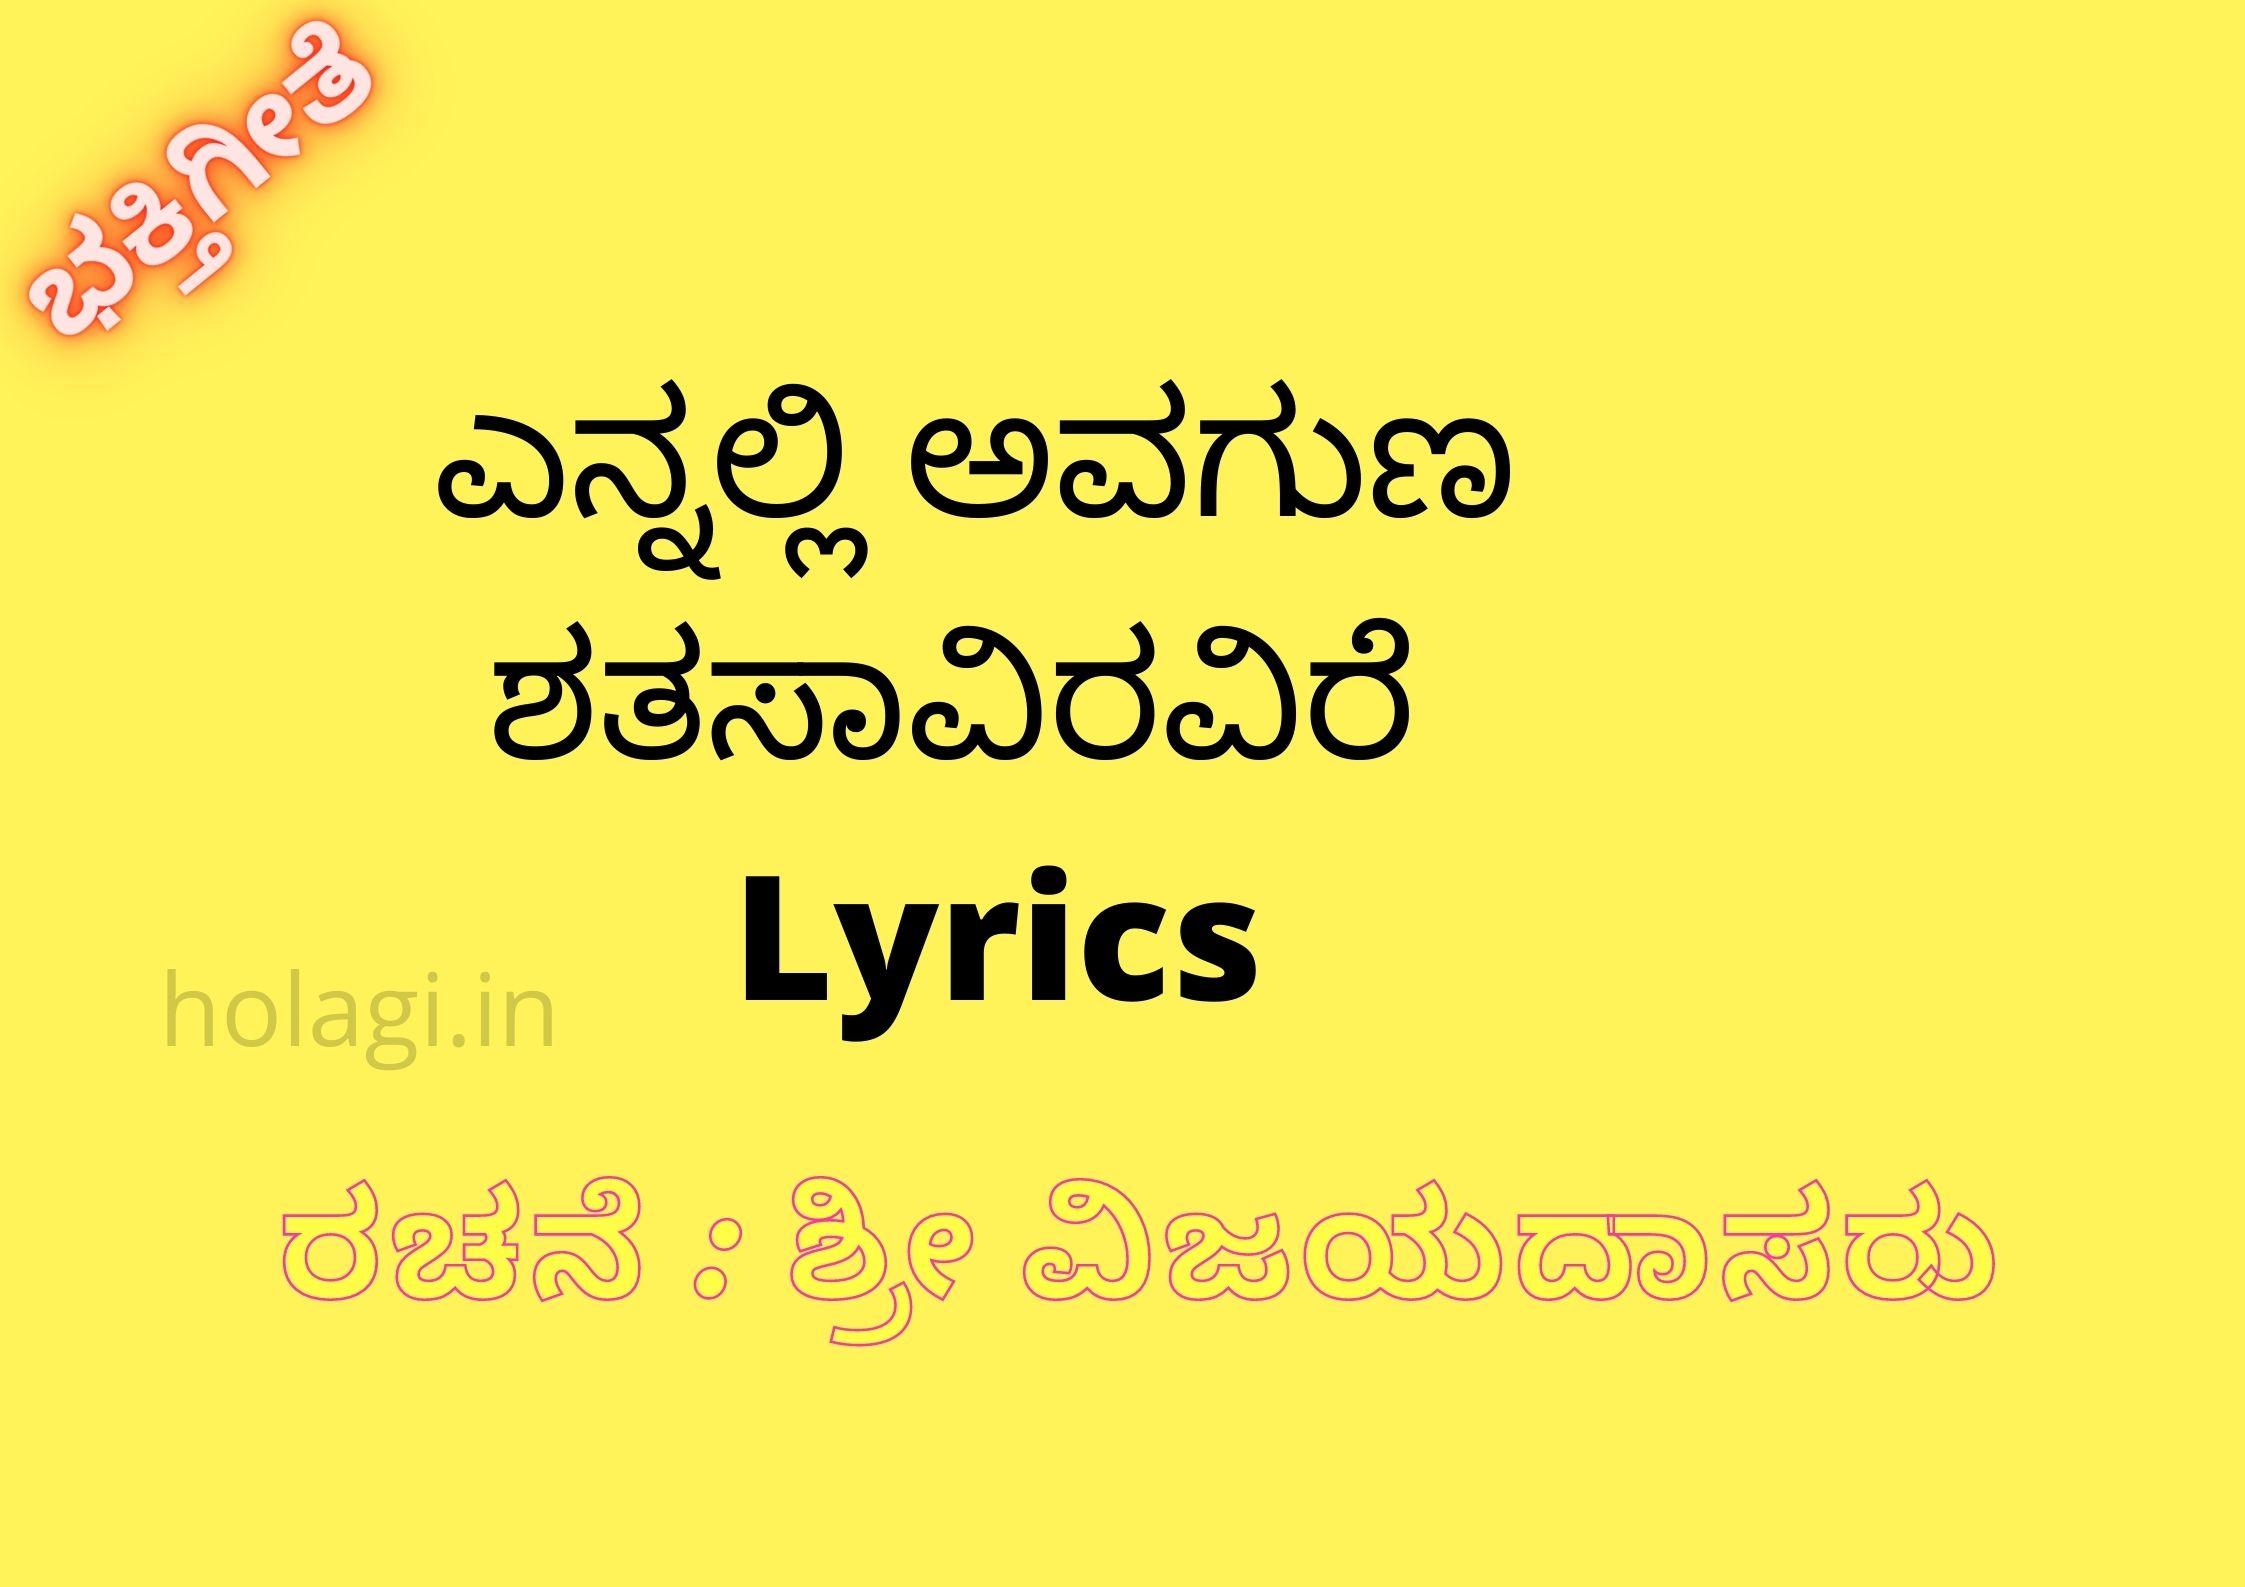 Yennali SHatasavira Avagunagalire Lyrics